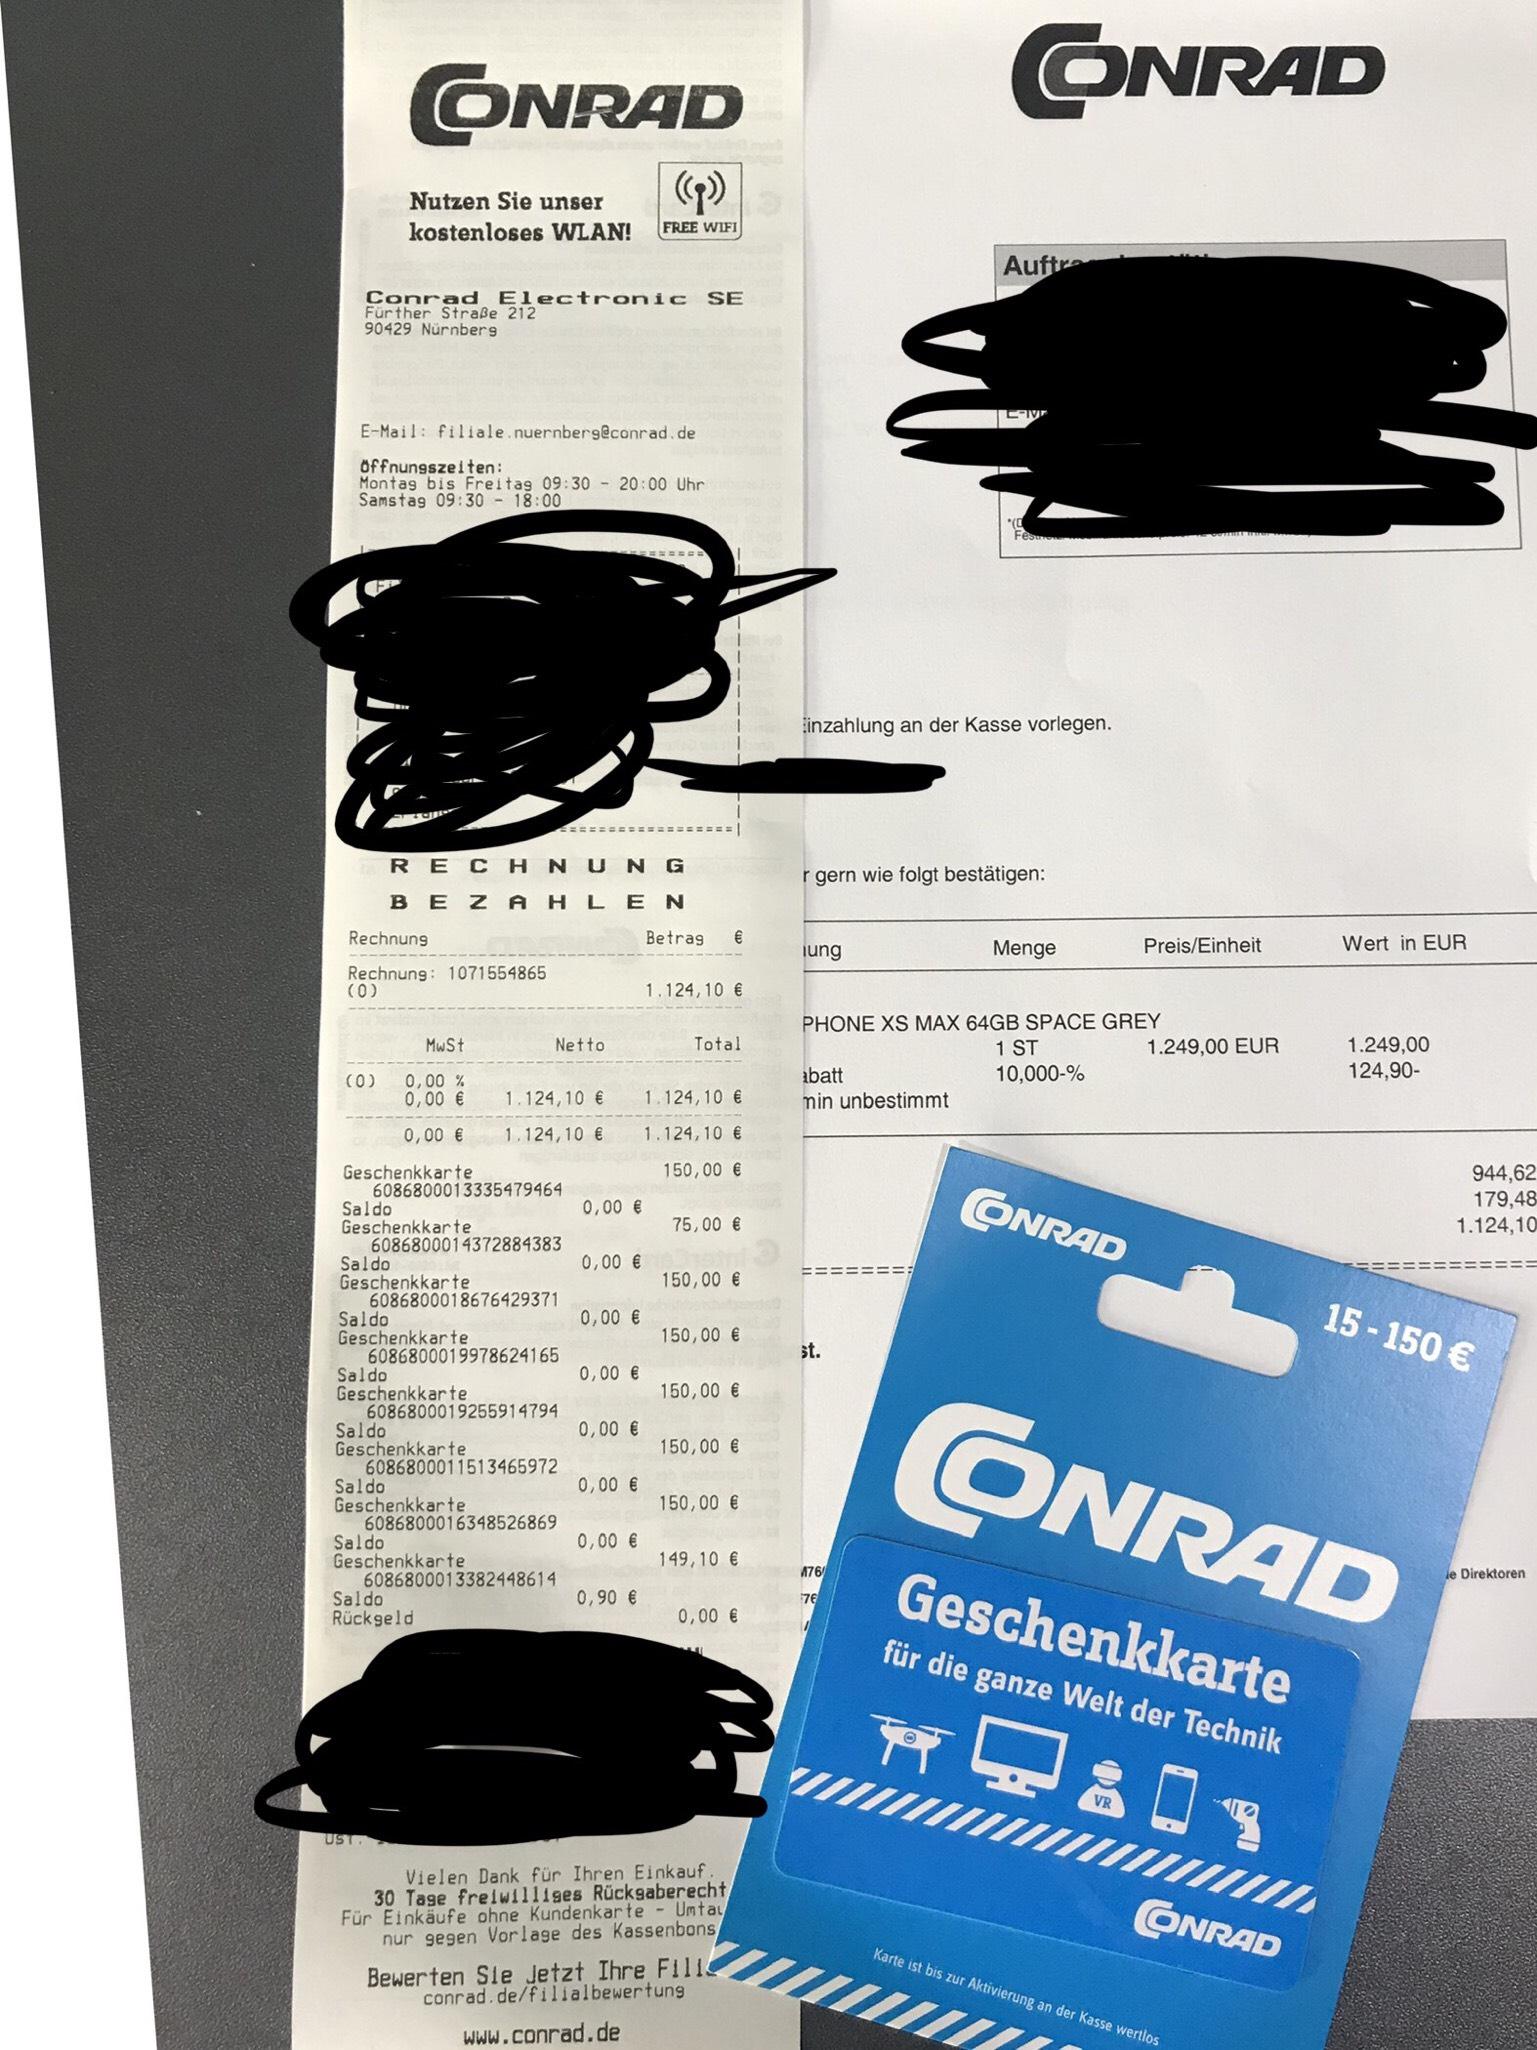 Conrad 19% Rabatt auf fast Alles - z.B. iPhone Xs für 935€, Xs Max für 1012,50€